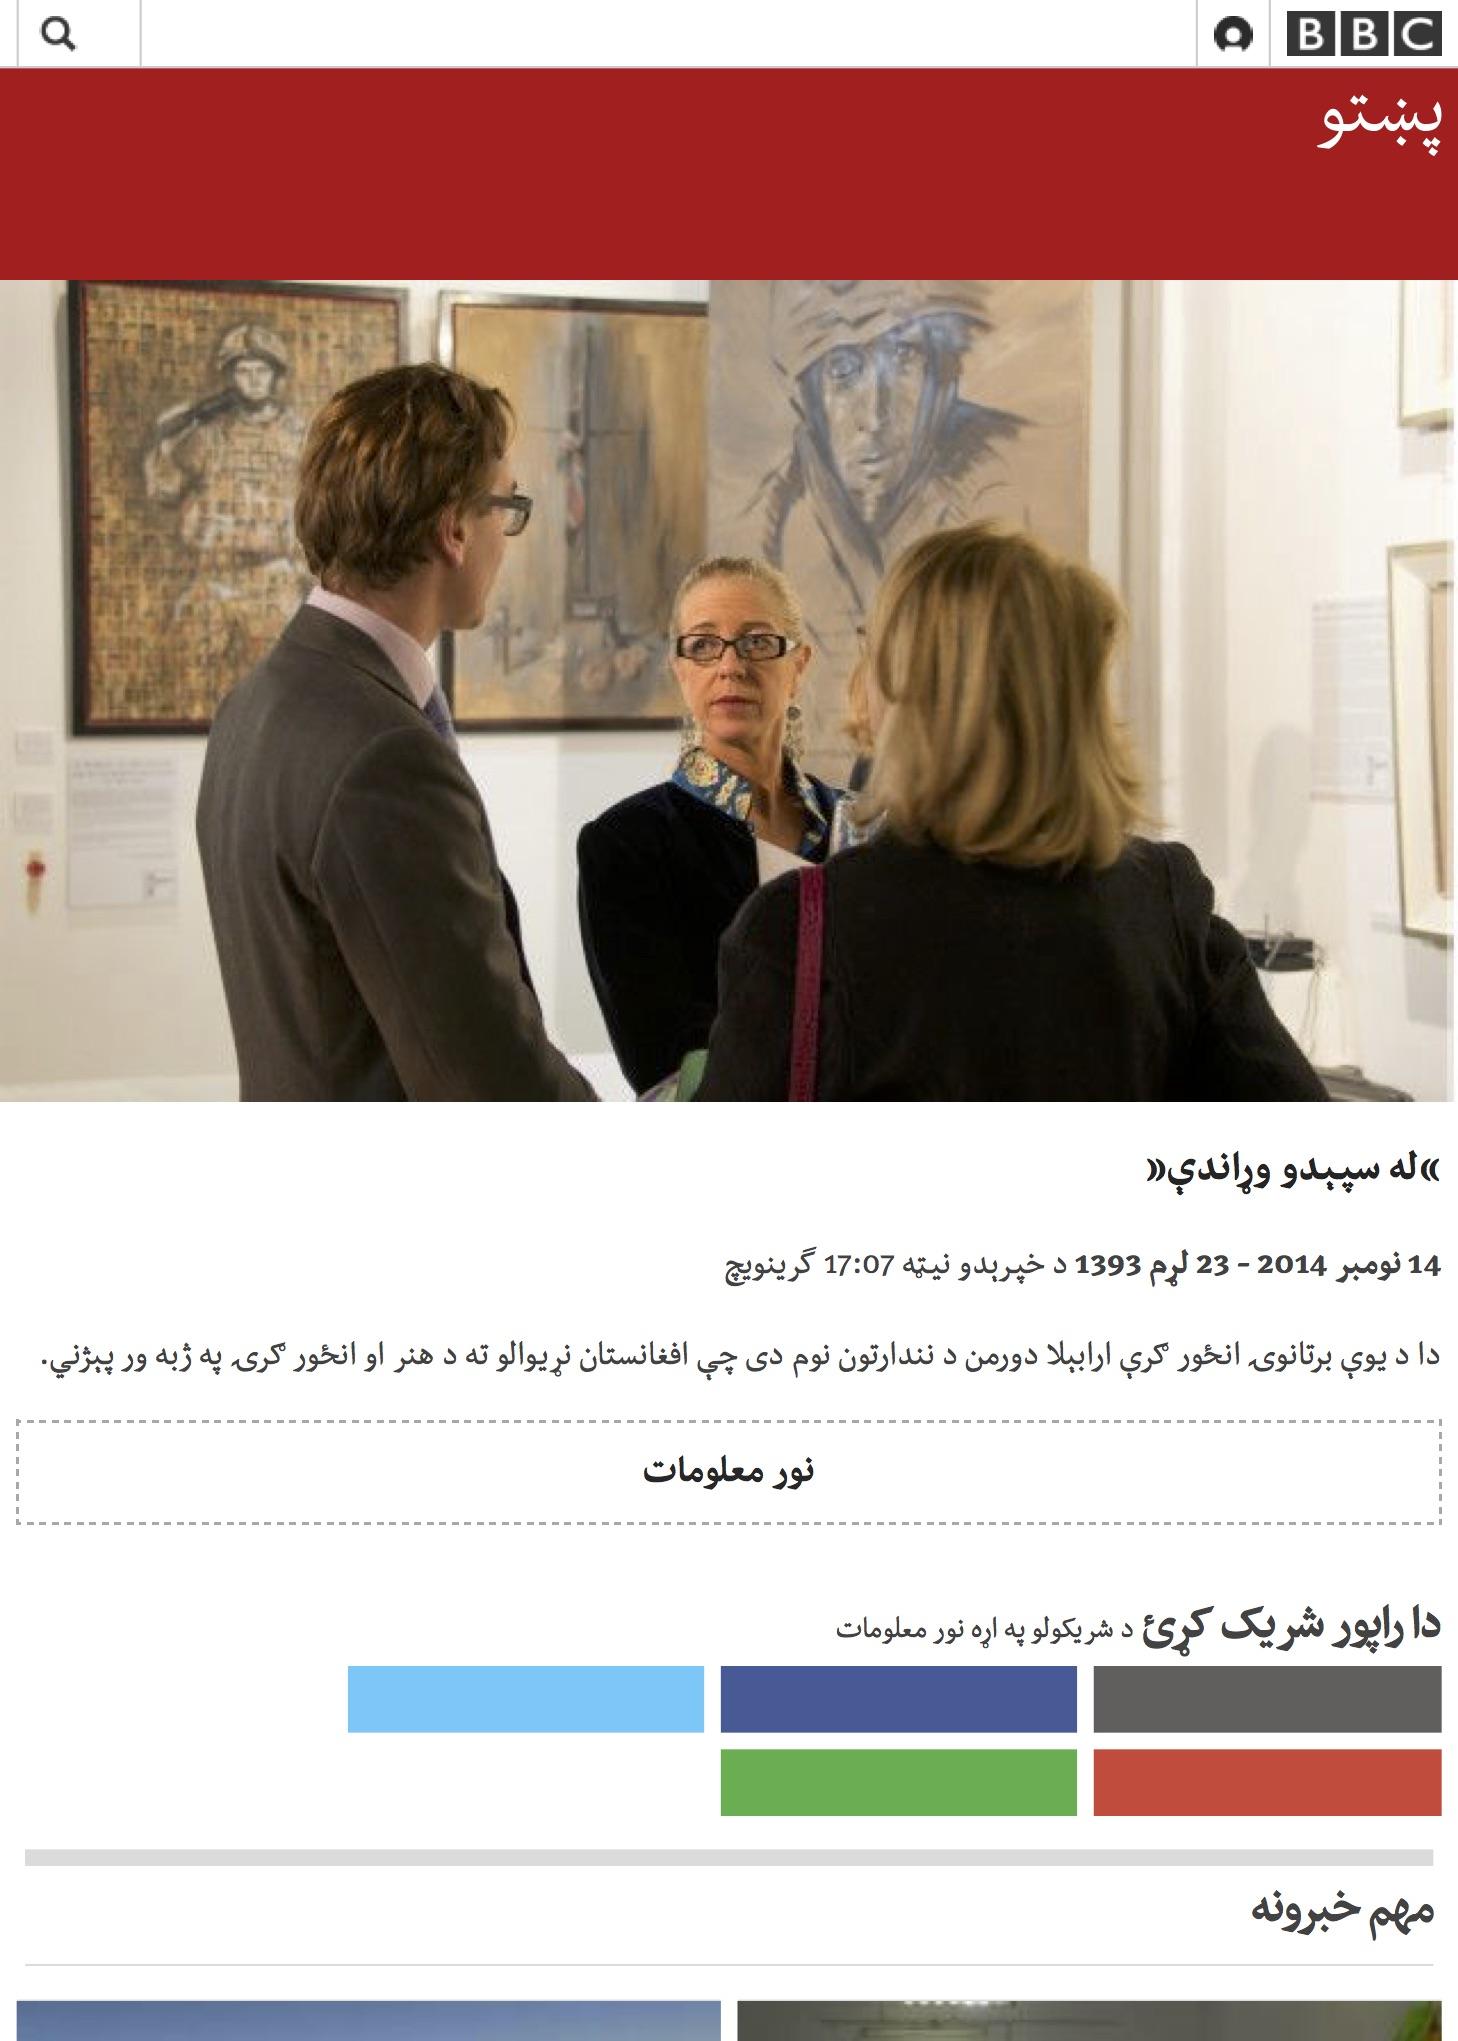 """""""له سپېدو وړاندې"""" - BBC Pashto.jpg"""